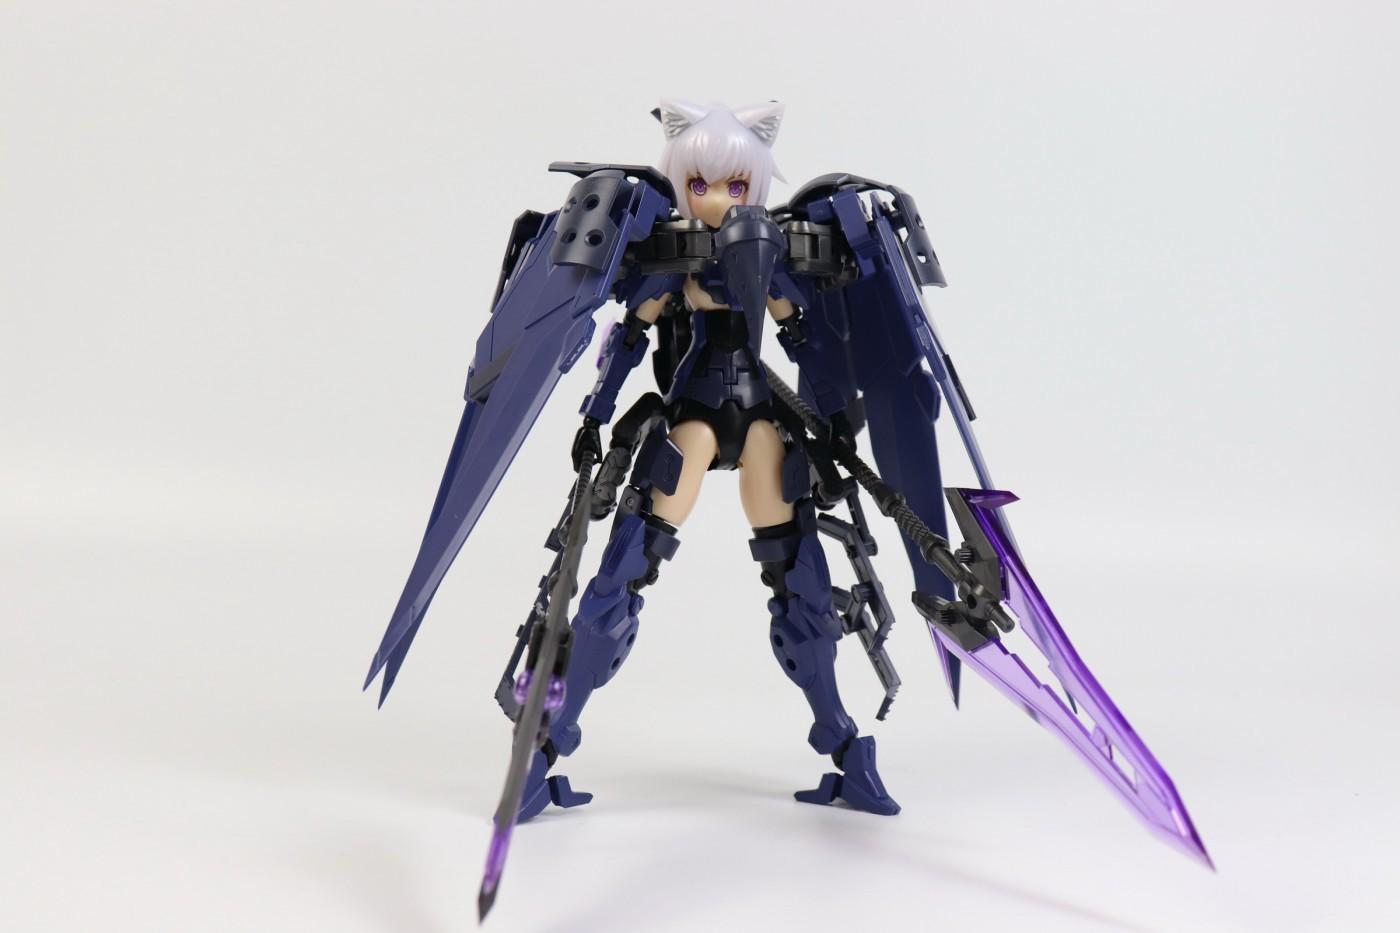 S273_Pretty_Armor_inask_073.jpg